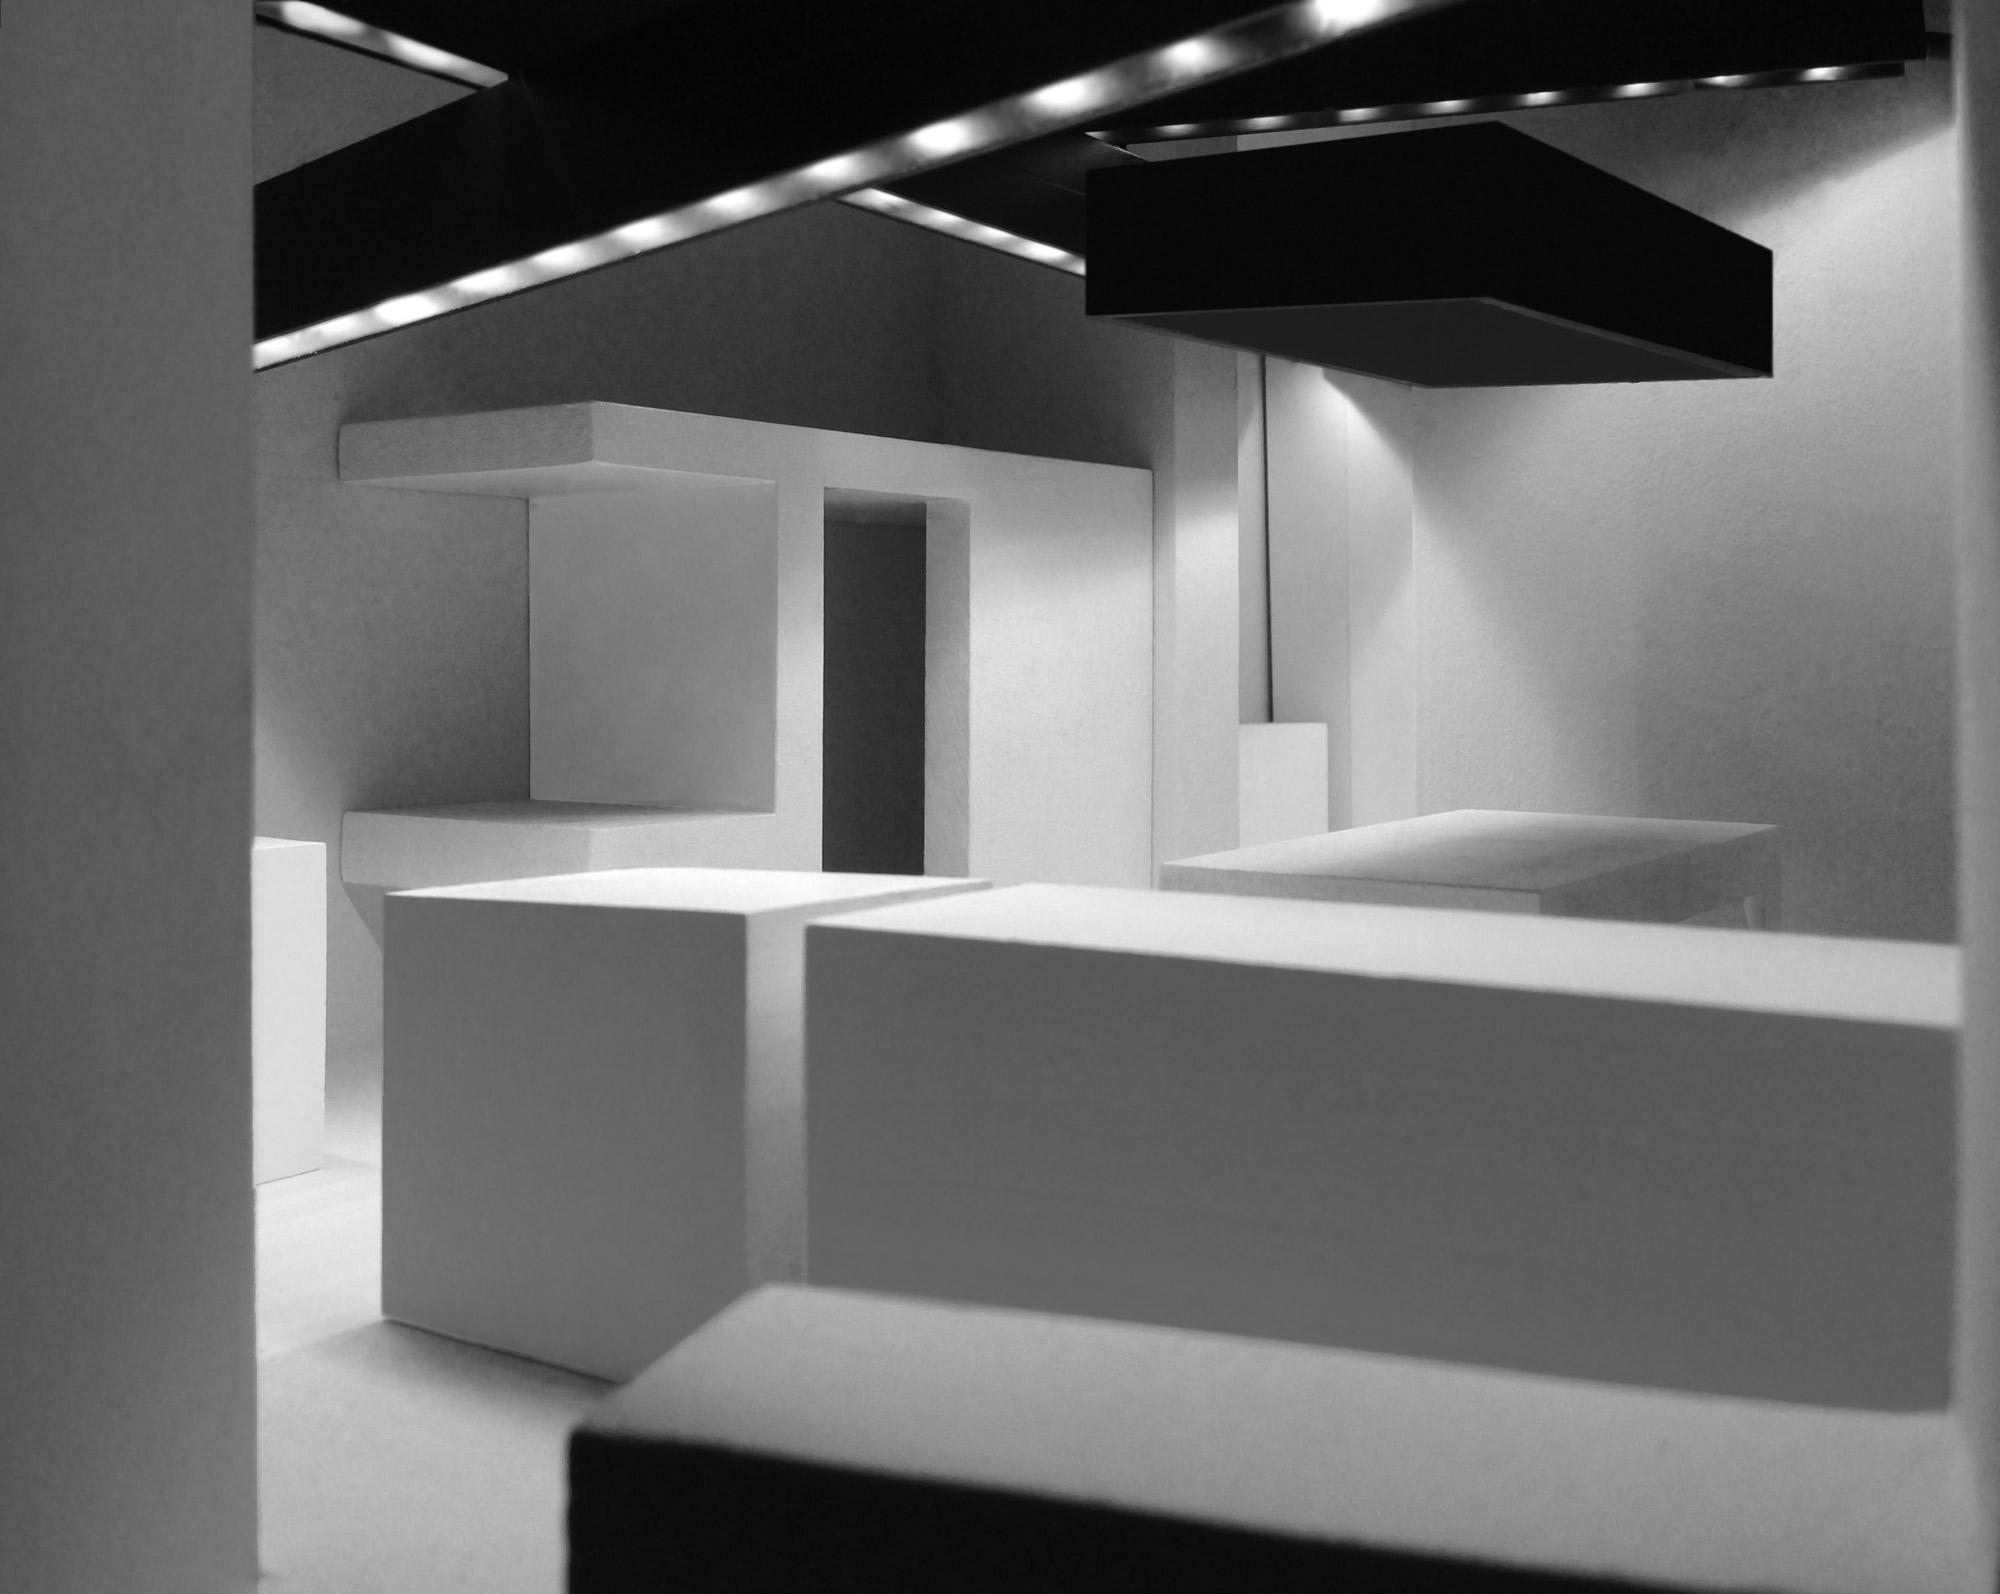 jc-droz-architecture-bombie-005